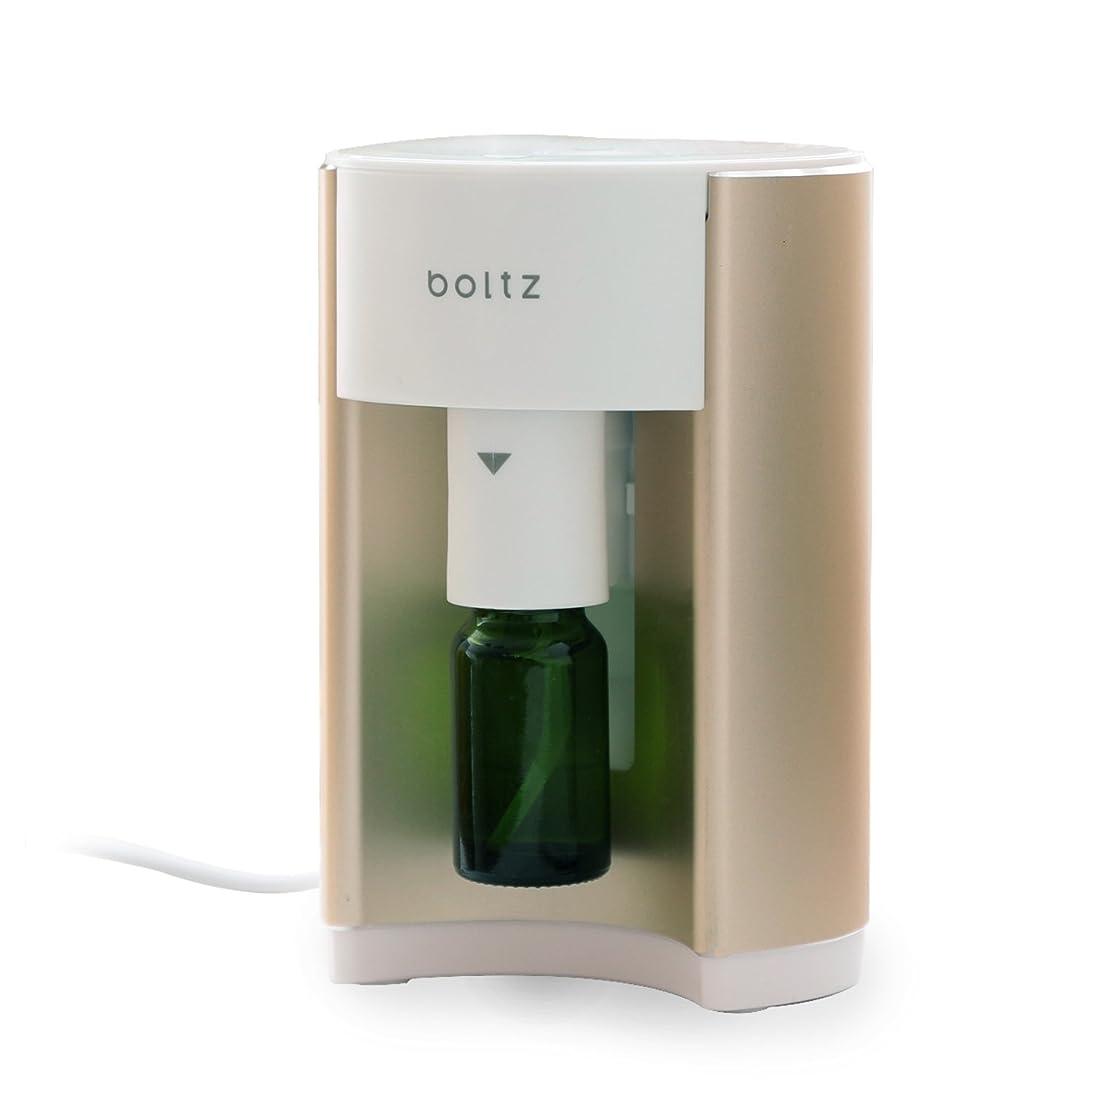 紀元前ガイド対処boltz アロマディフューザー アロマバーナー ルームフレグランス 専用ボトル付 タイマー付き ゴールド